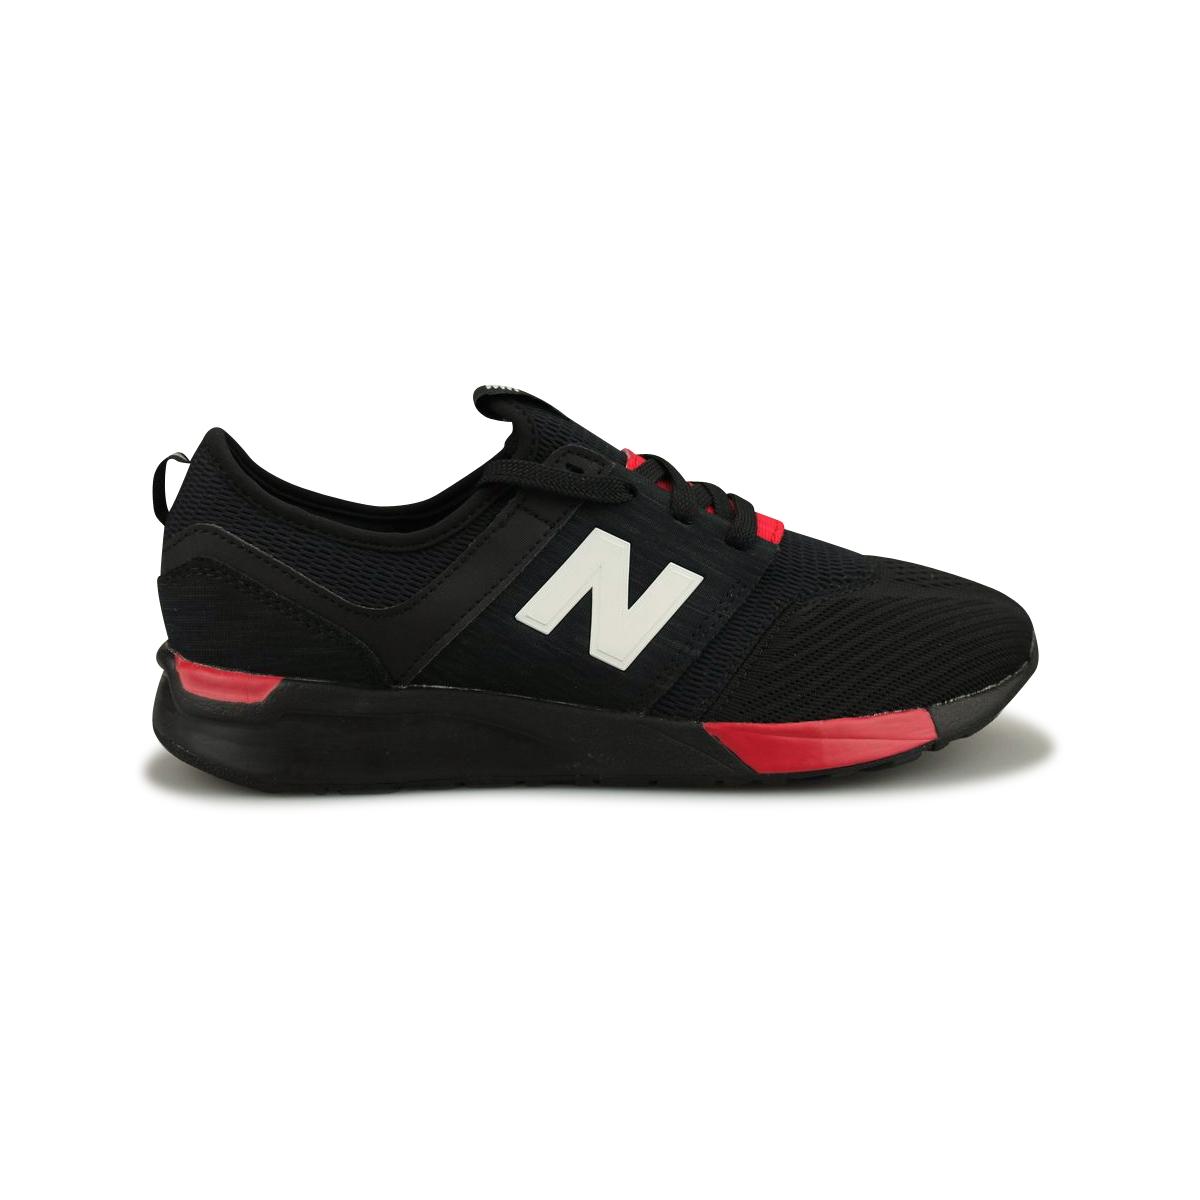 baskets new balance noir et rouge